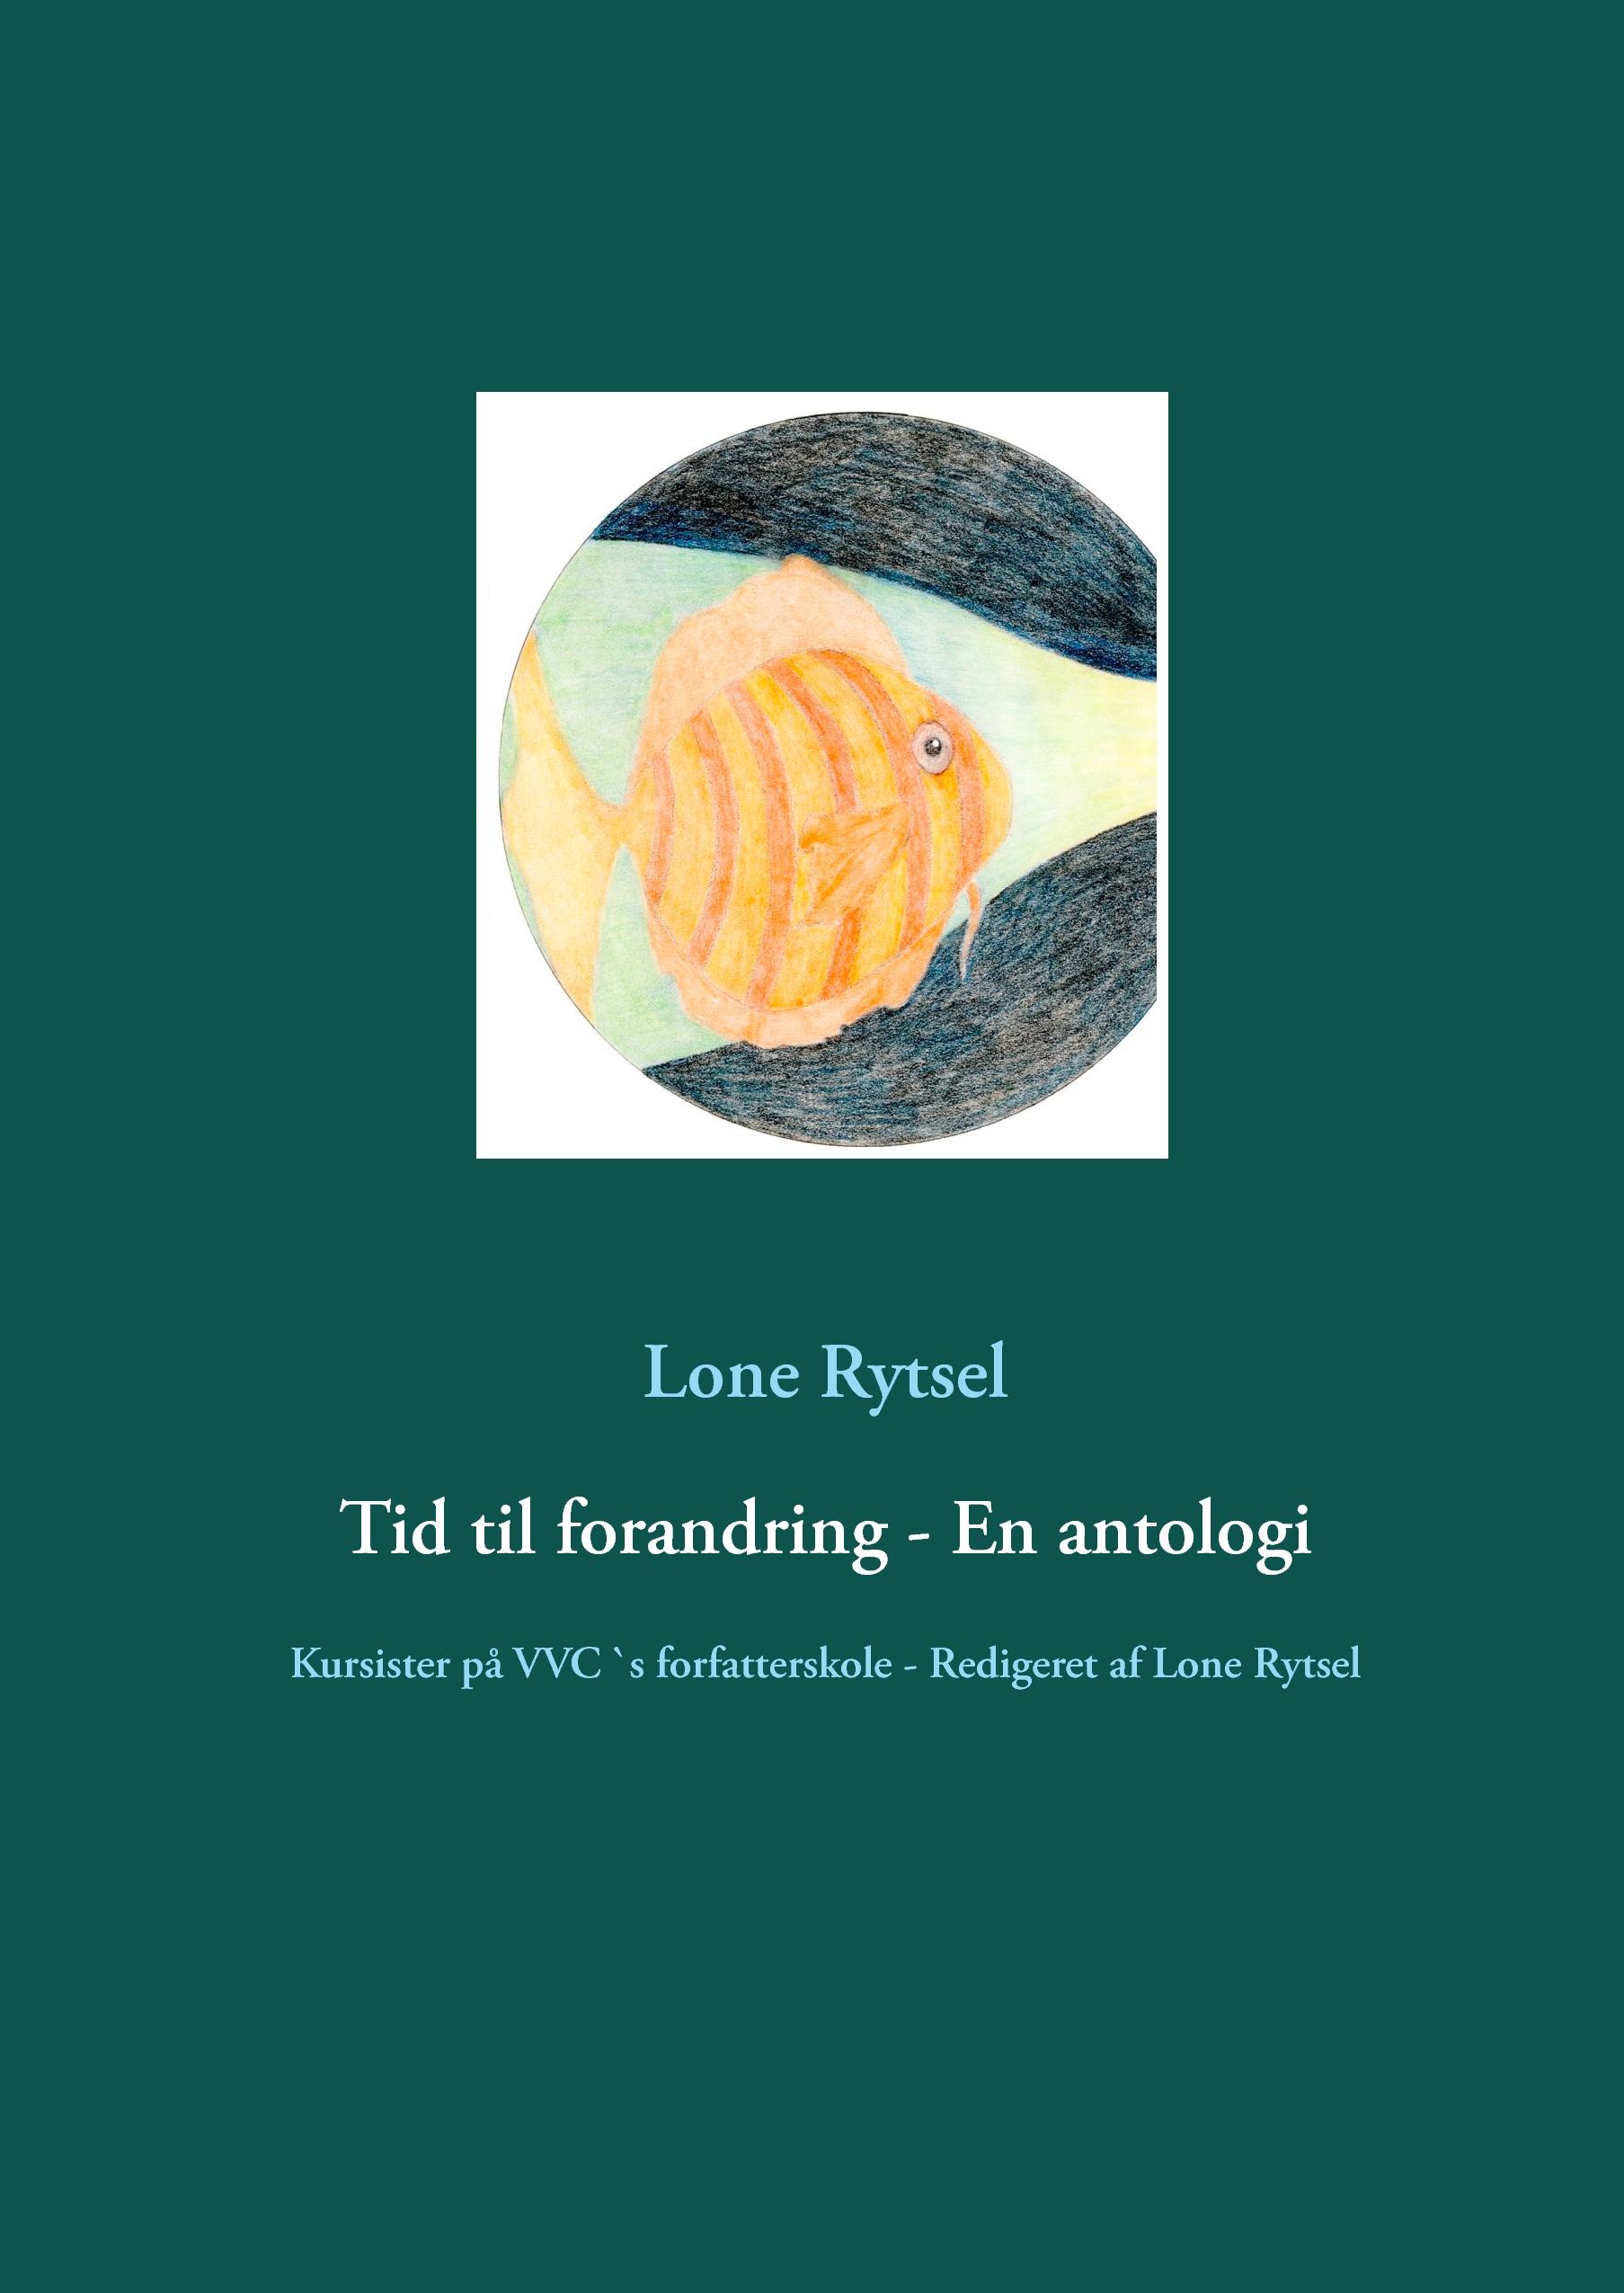 N/A Tid til forandring - en antologi - e-bog fra bog & mystik